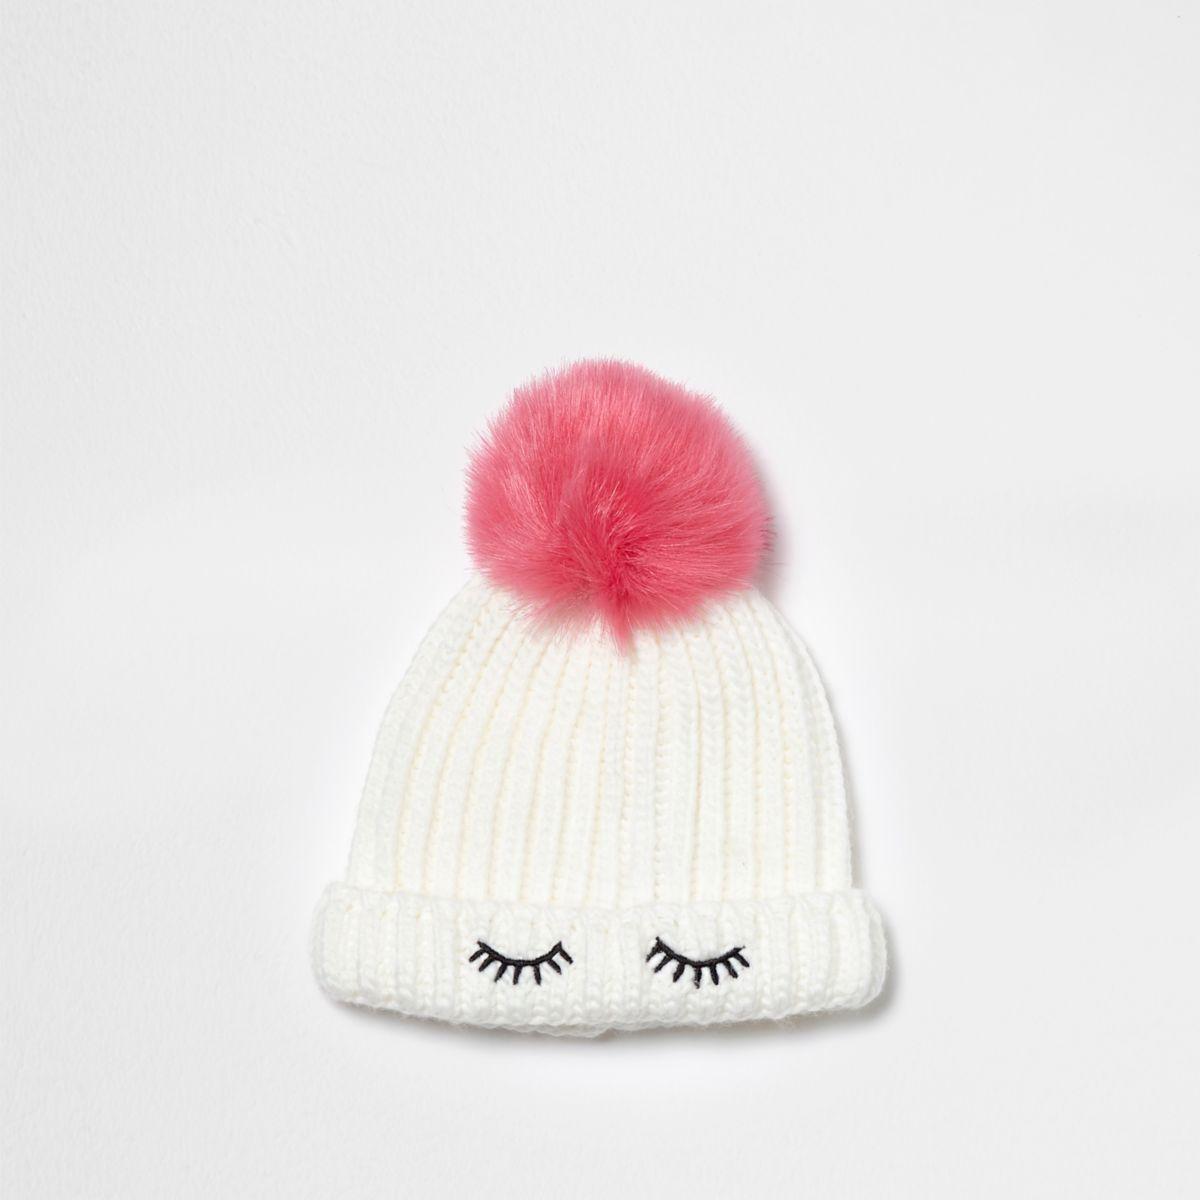 Bonnet blanc à pompon duveteux mini fille